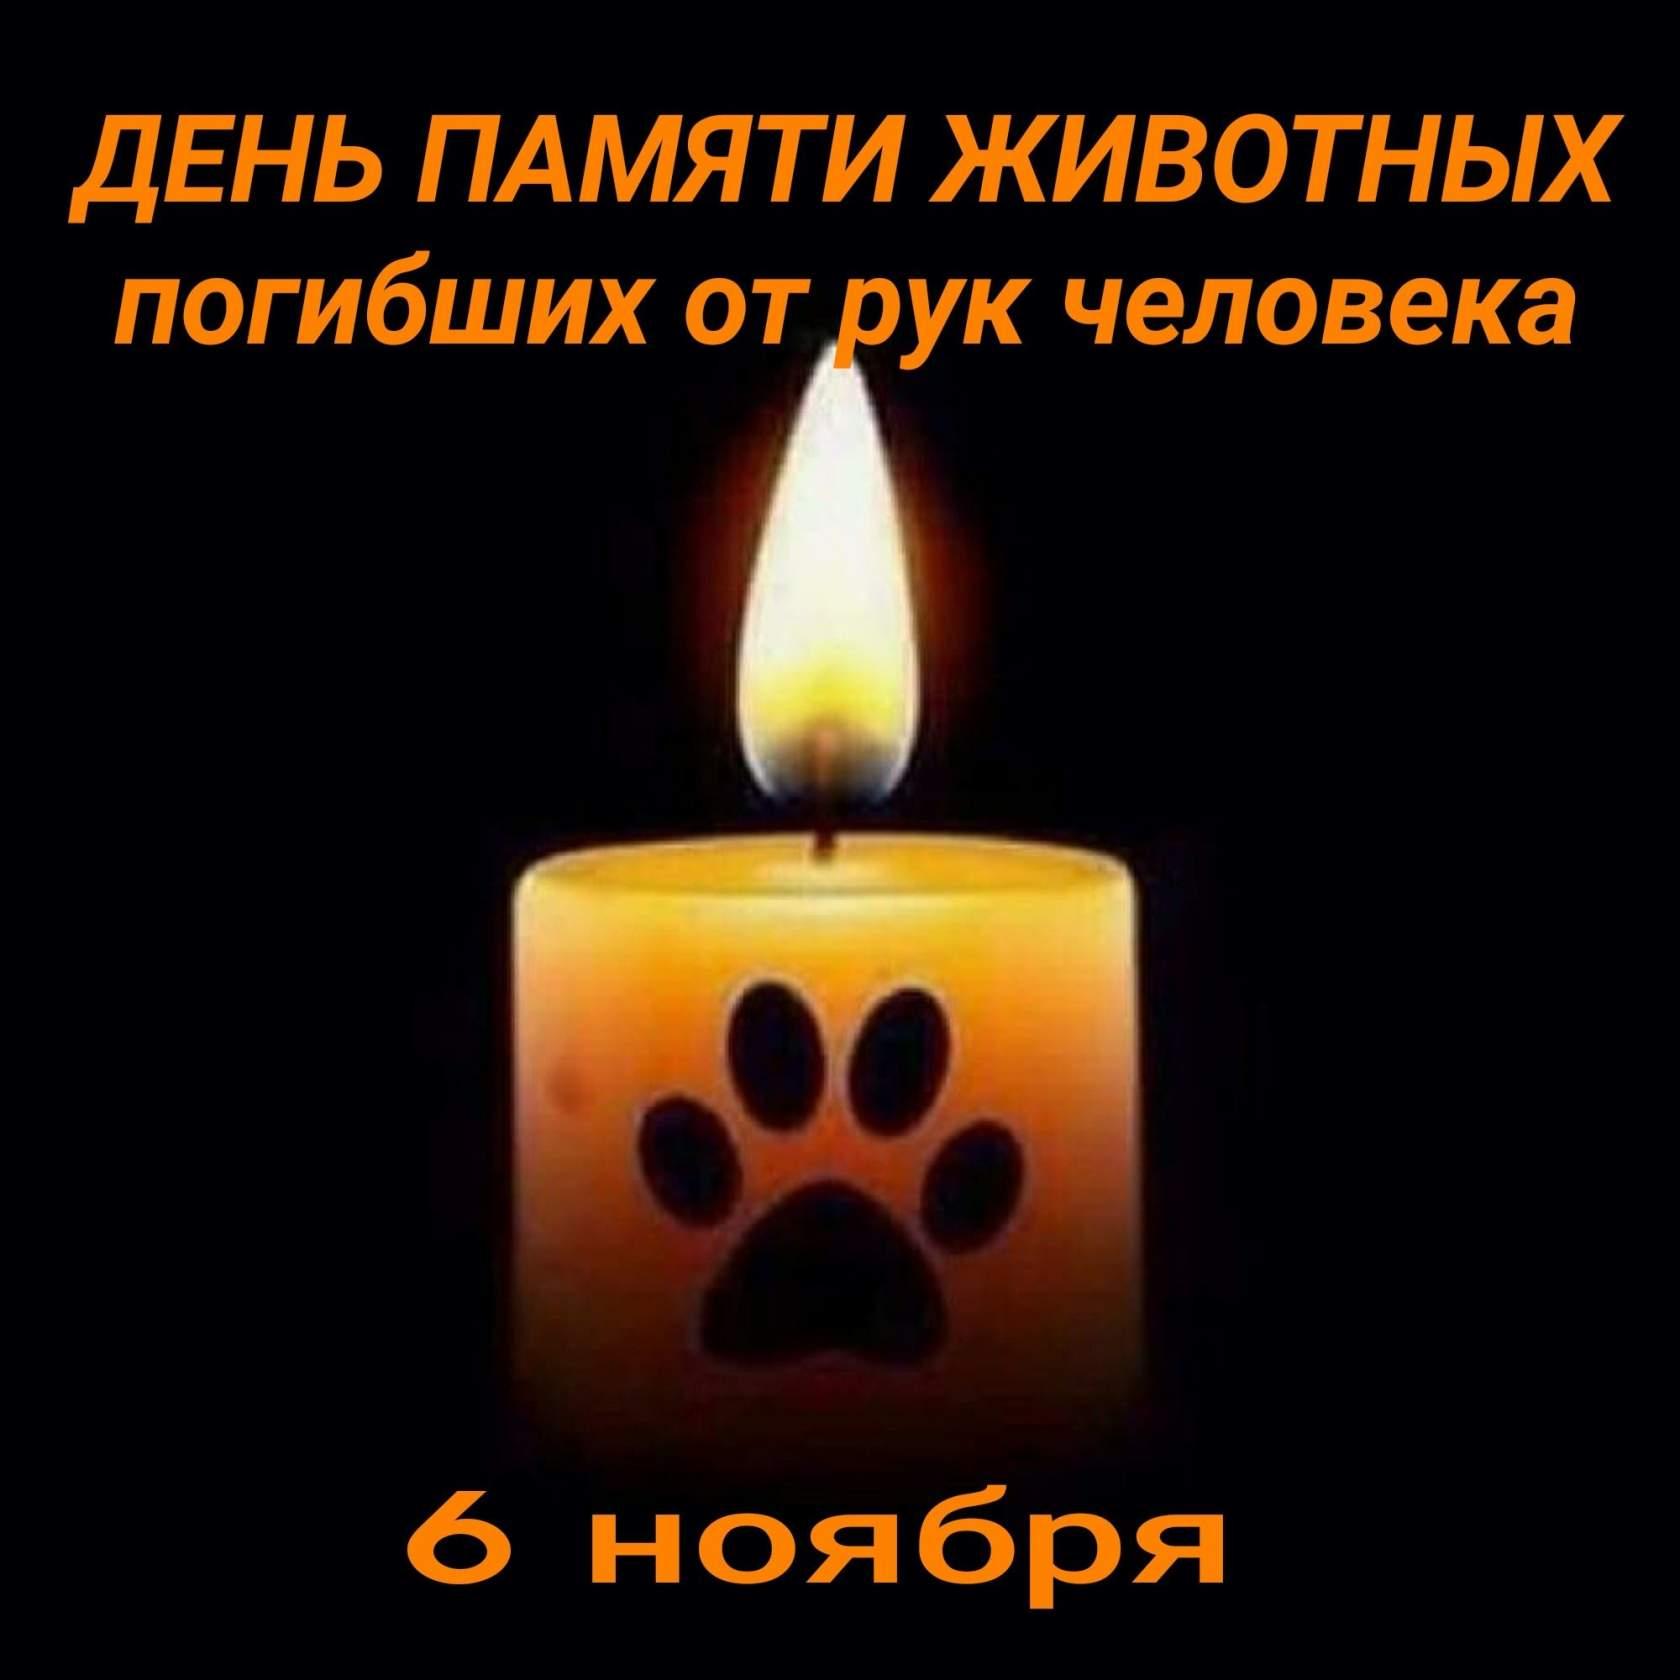 картинки свеча памяти животным выстреле часть пороховых